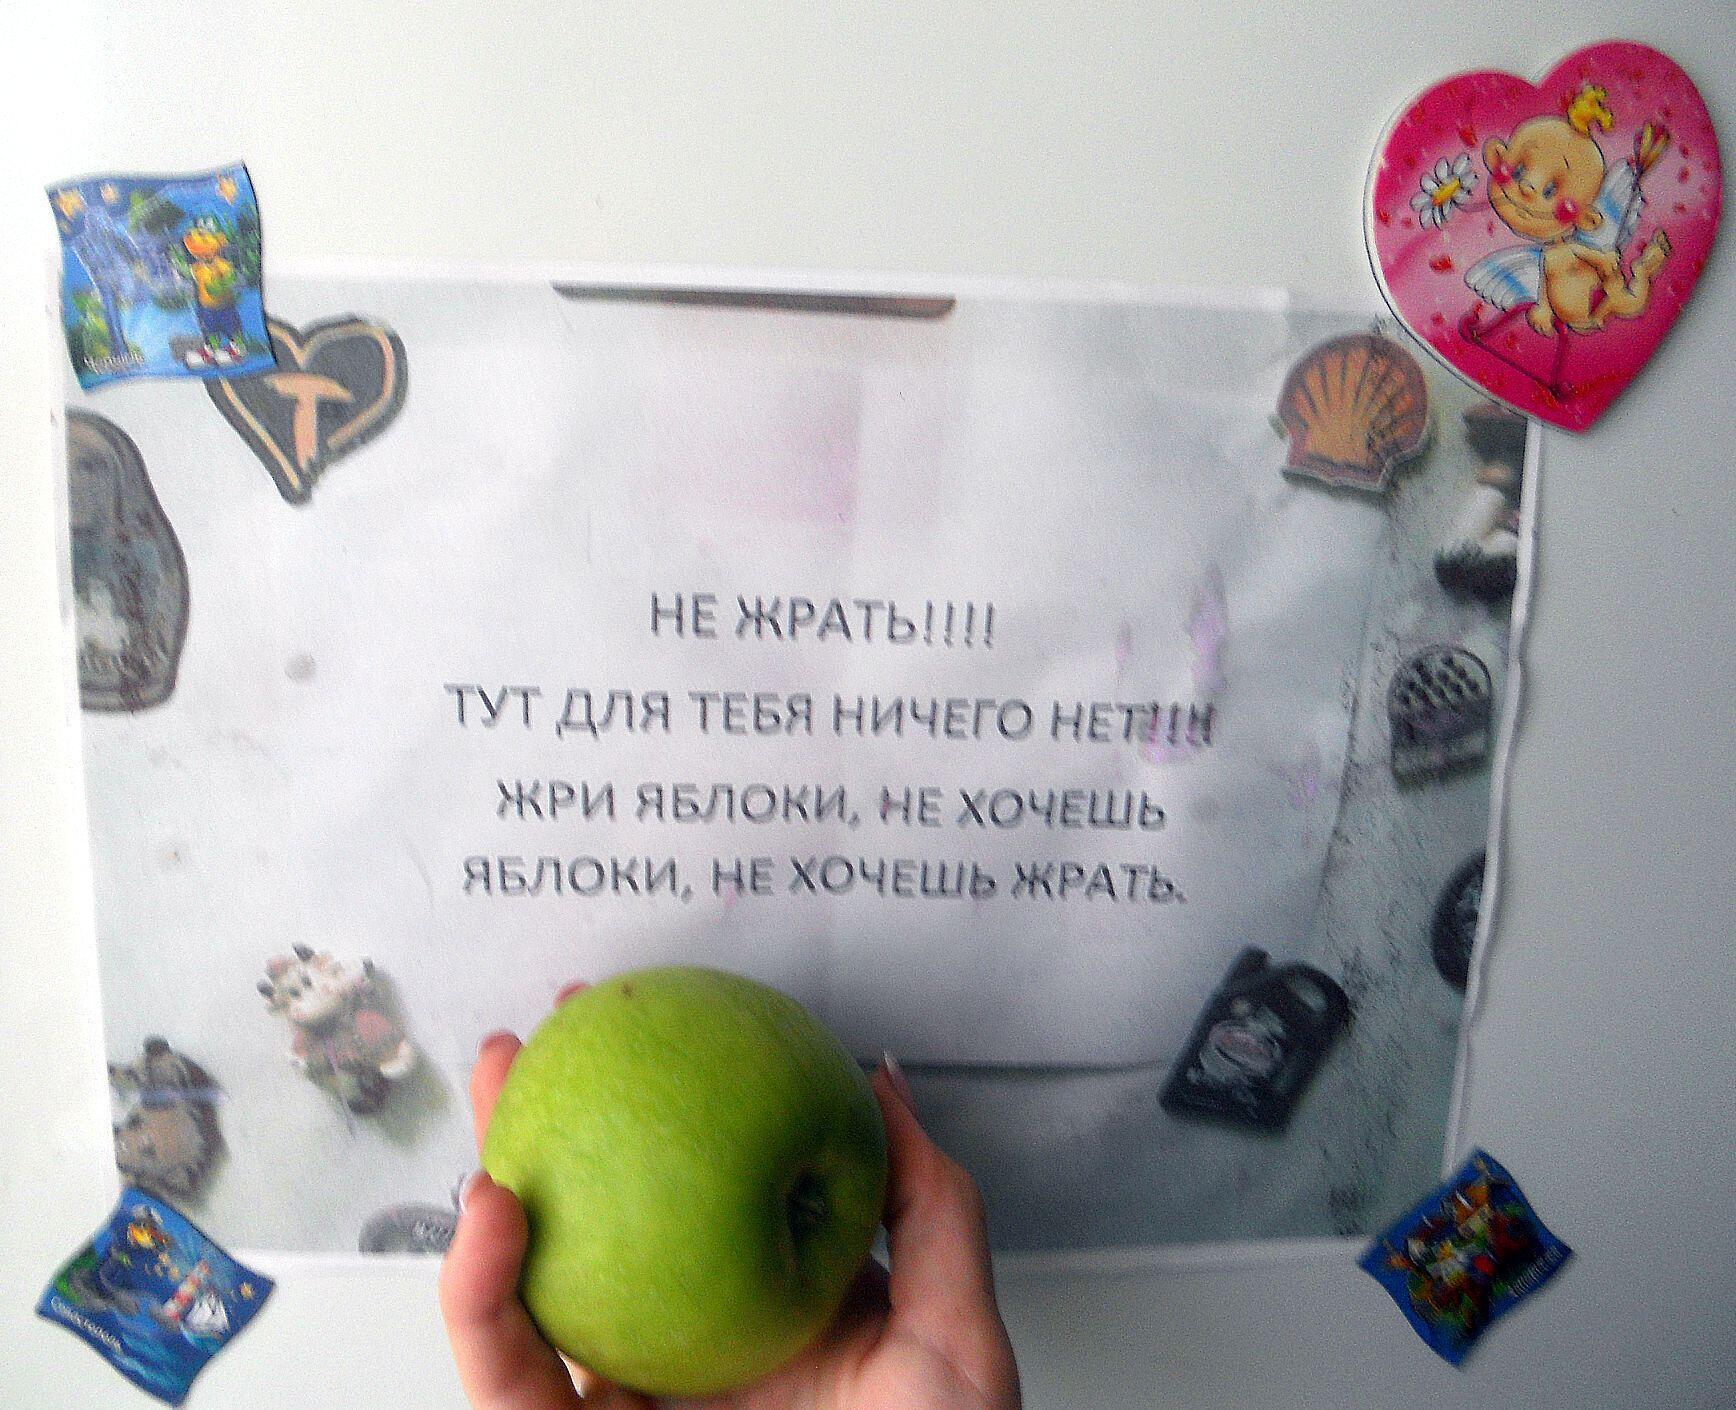 картинки хочешь есть ешь яблоко этого, нефтяники получат